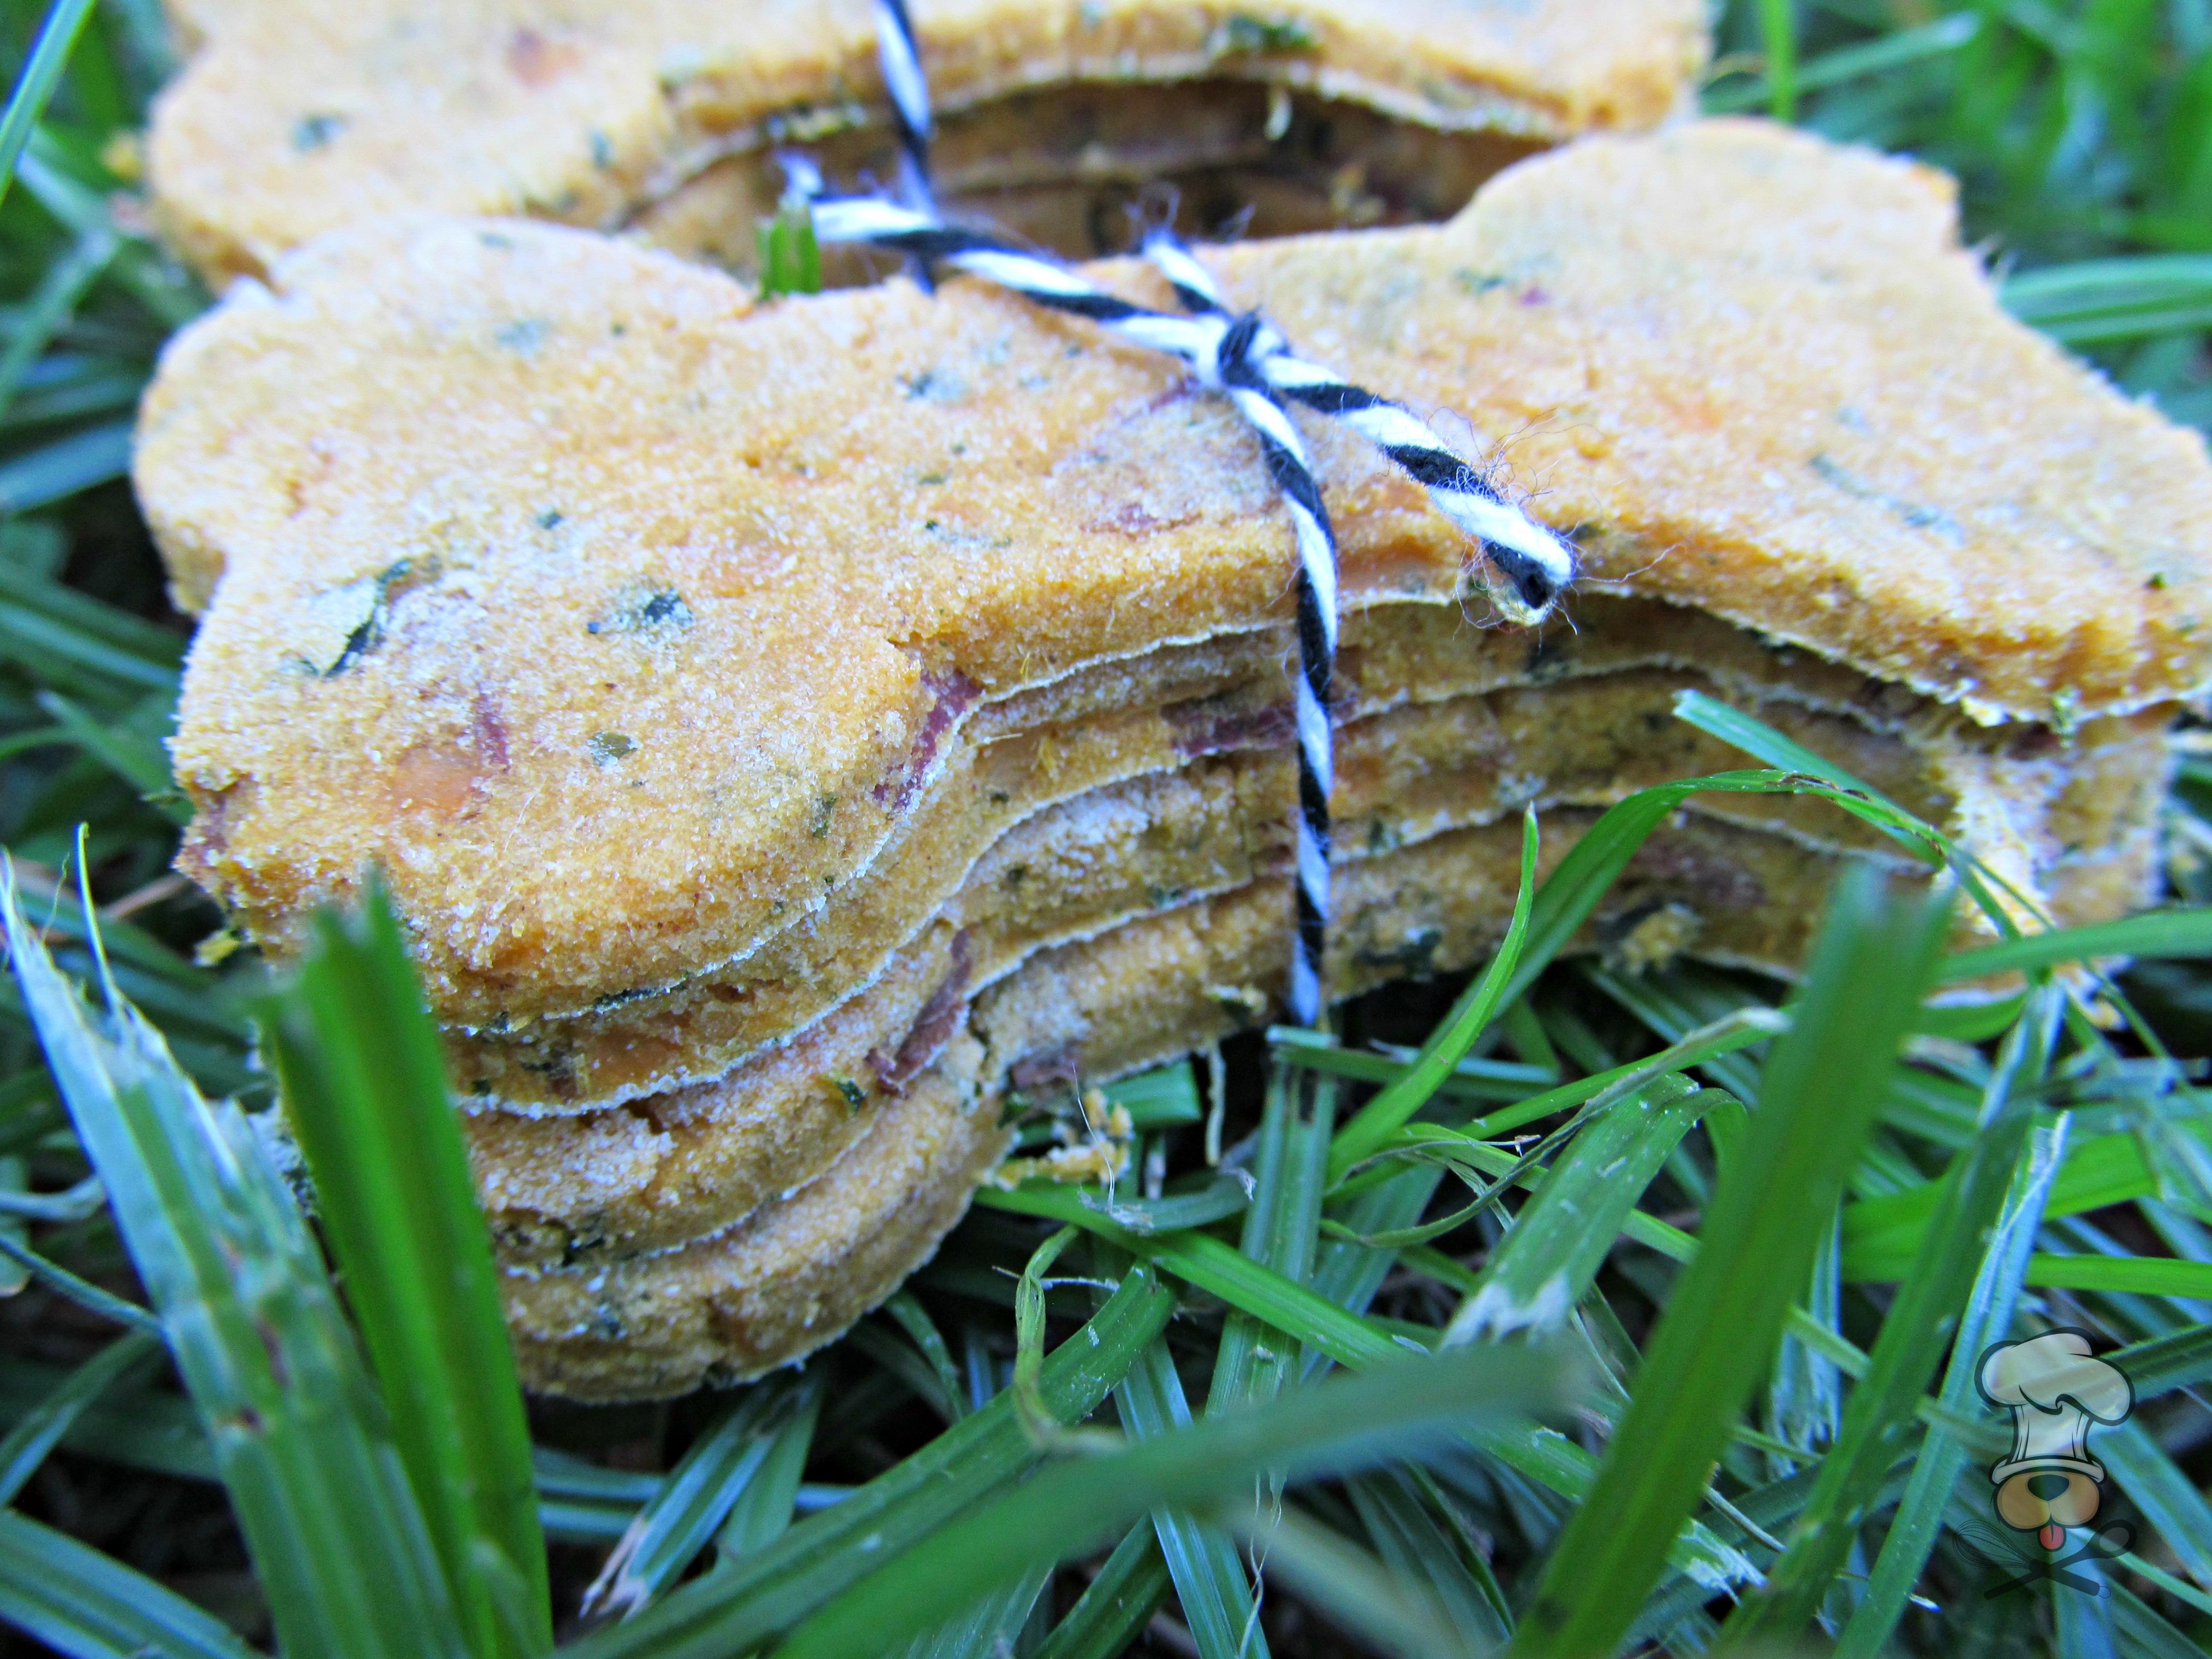 (wheat, gluten and dairy-free, vegan, vegetarian) sweet potato kale dog treat/biscuit recipe